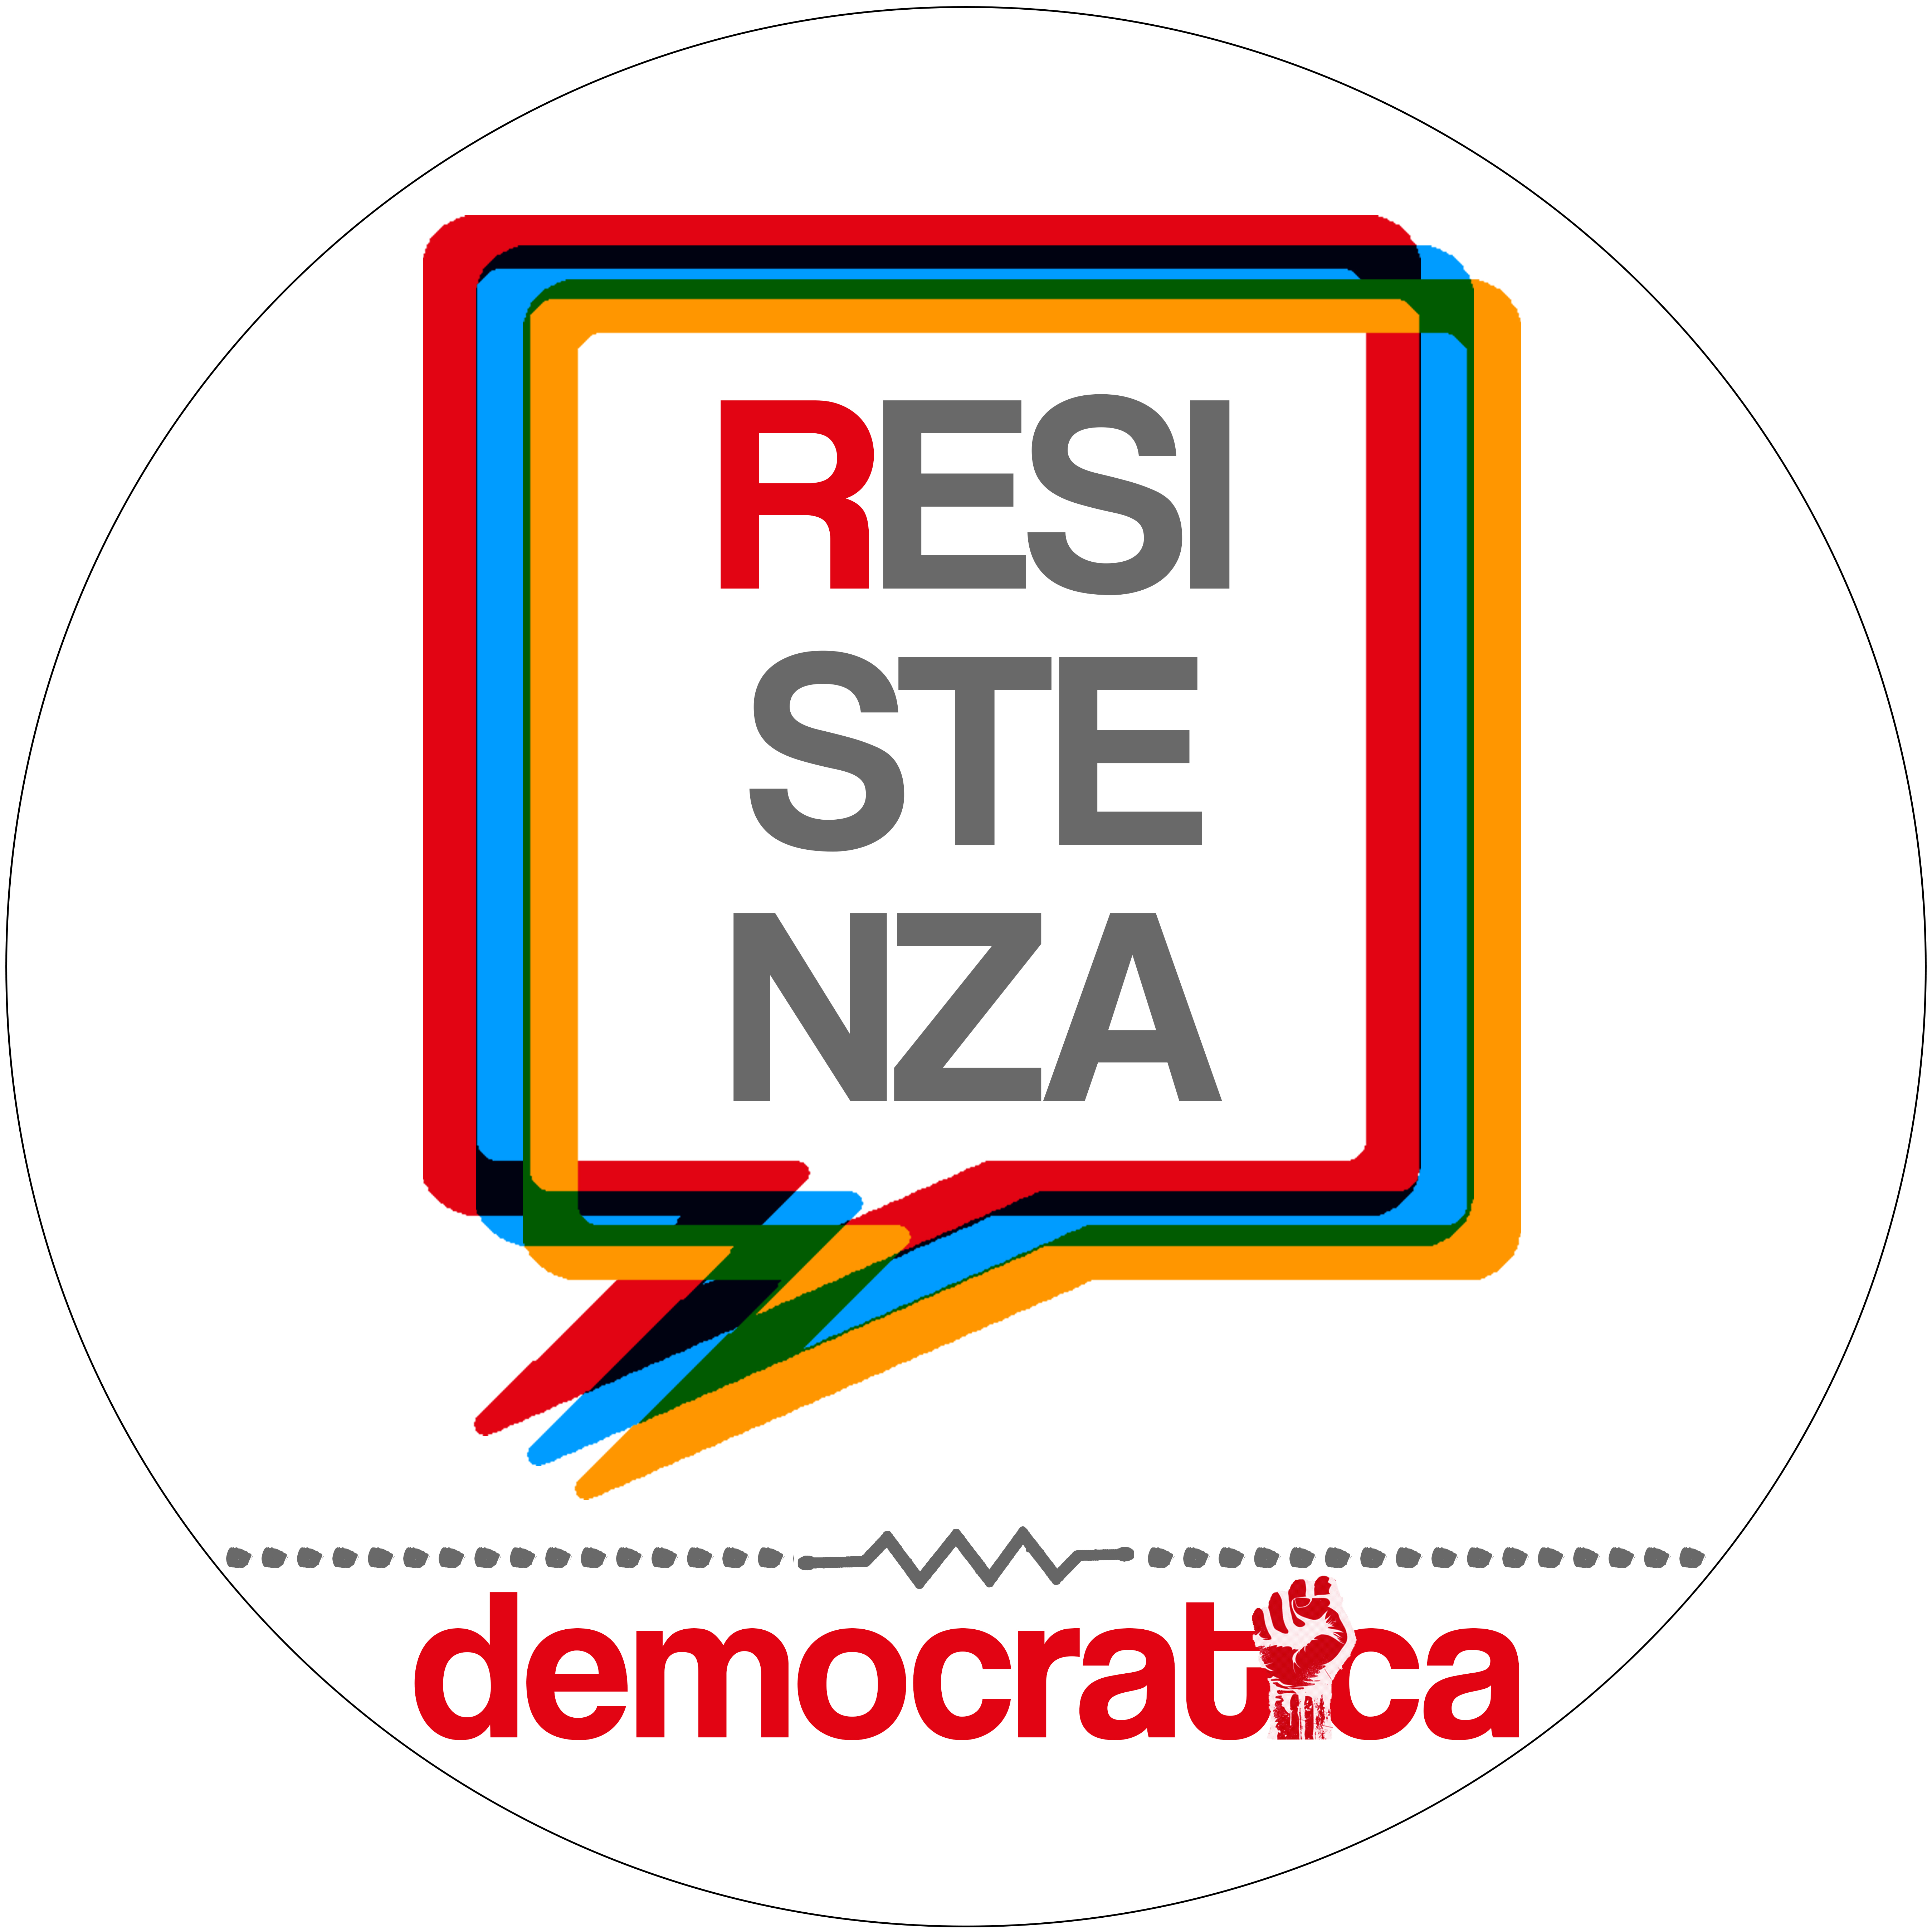 logo-resistenza-democratica